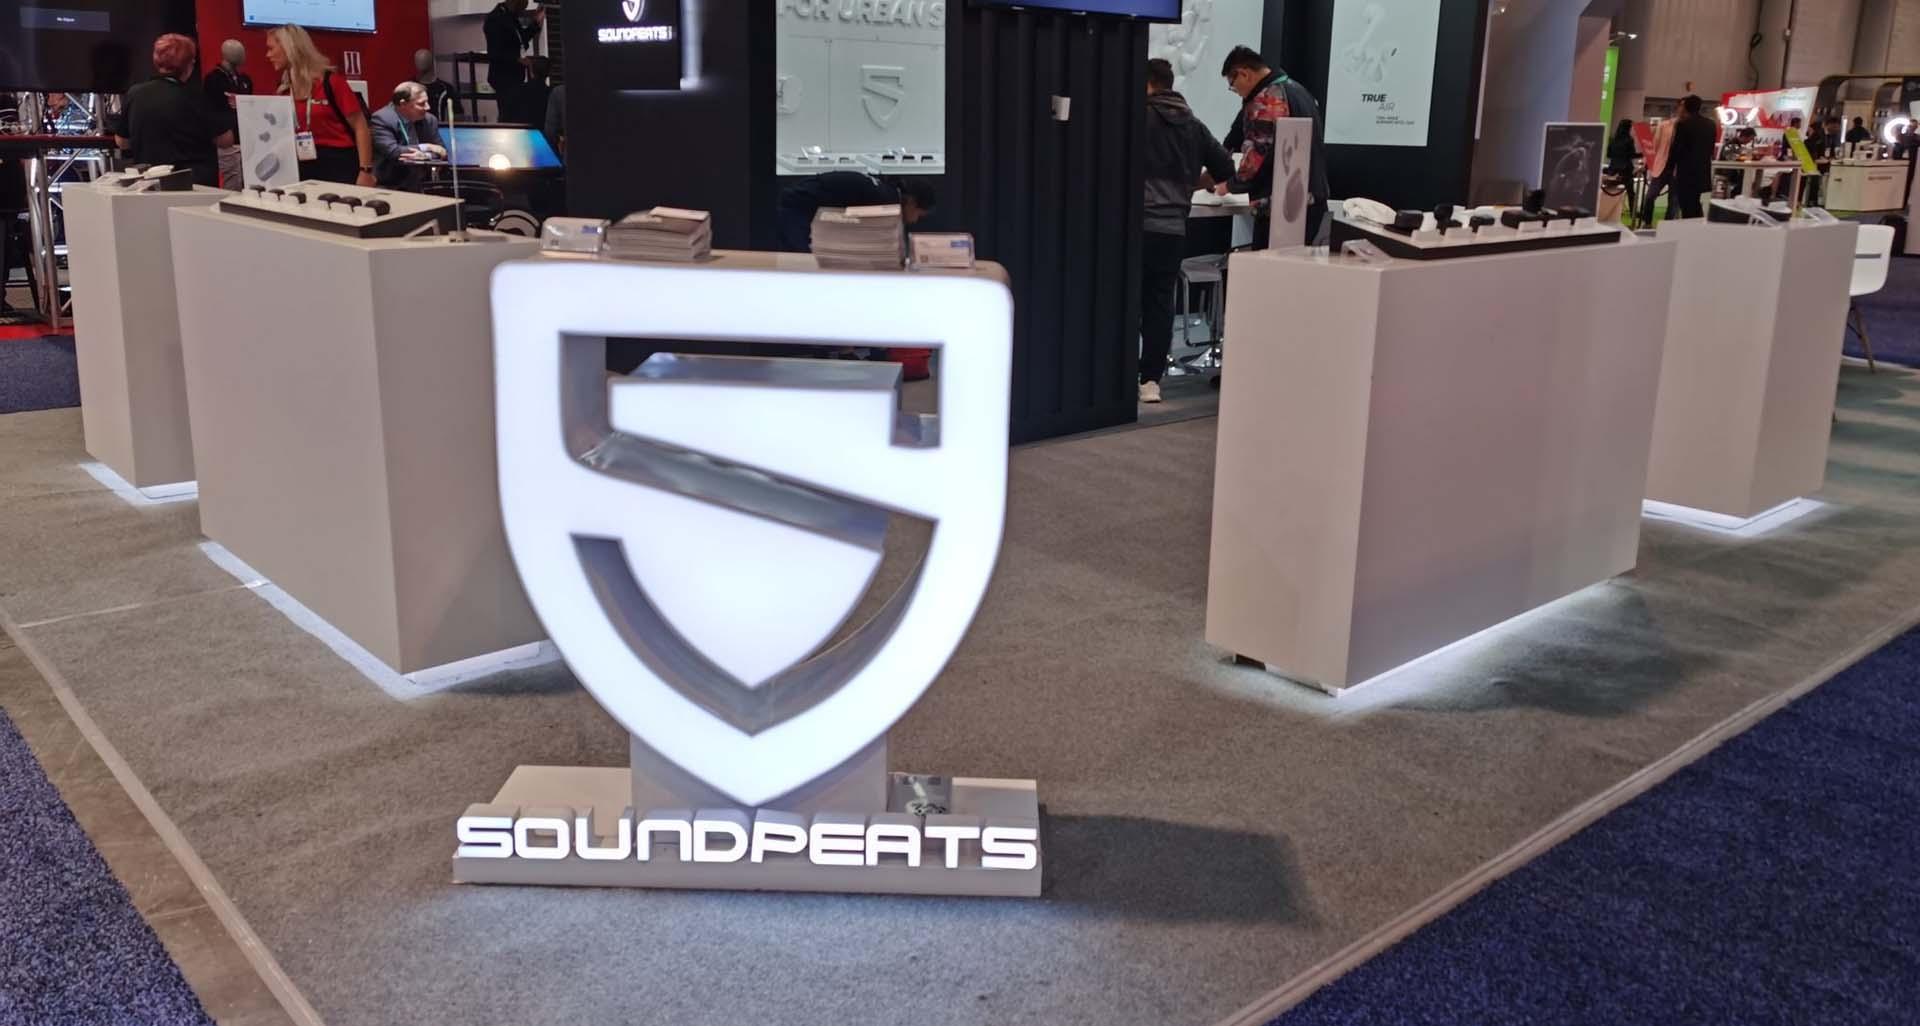 mua tai nghe soundpeats chính hãng ở đâu